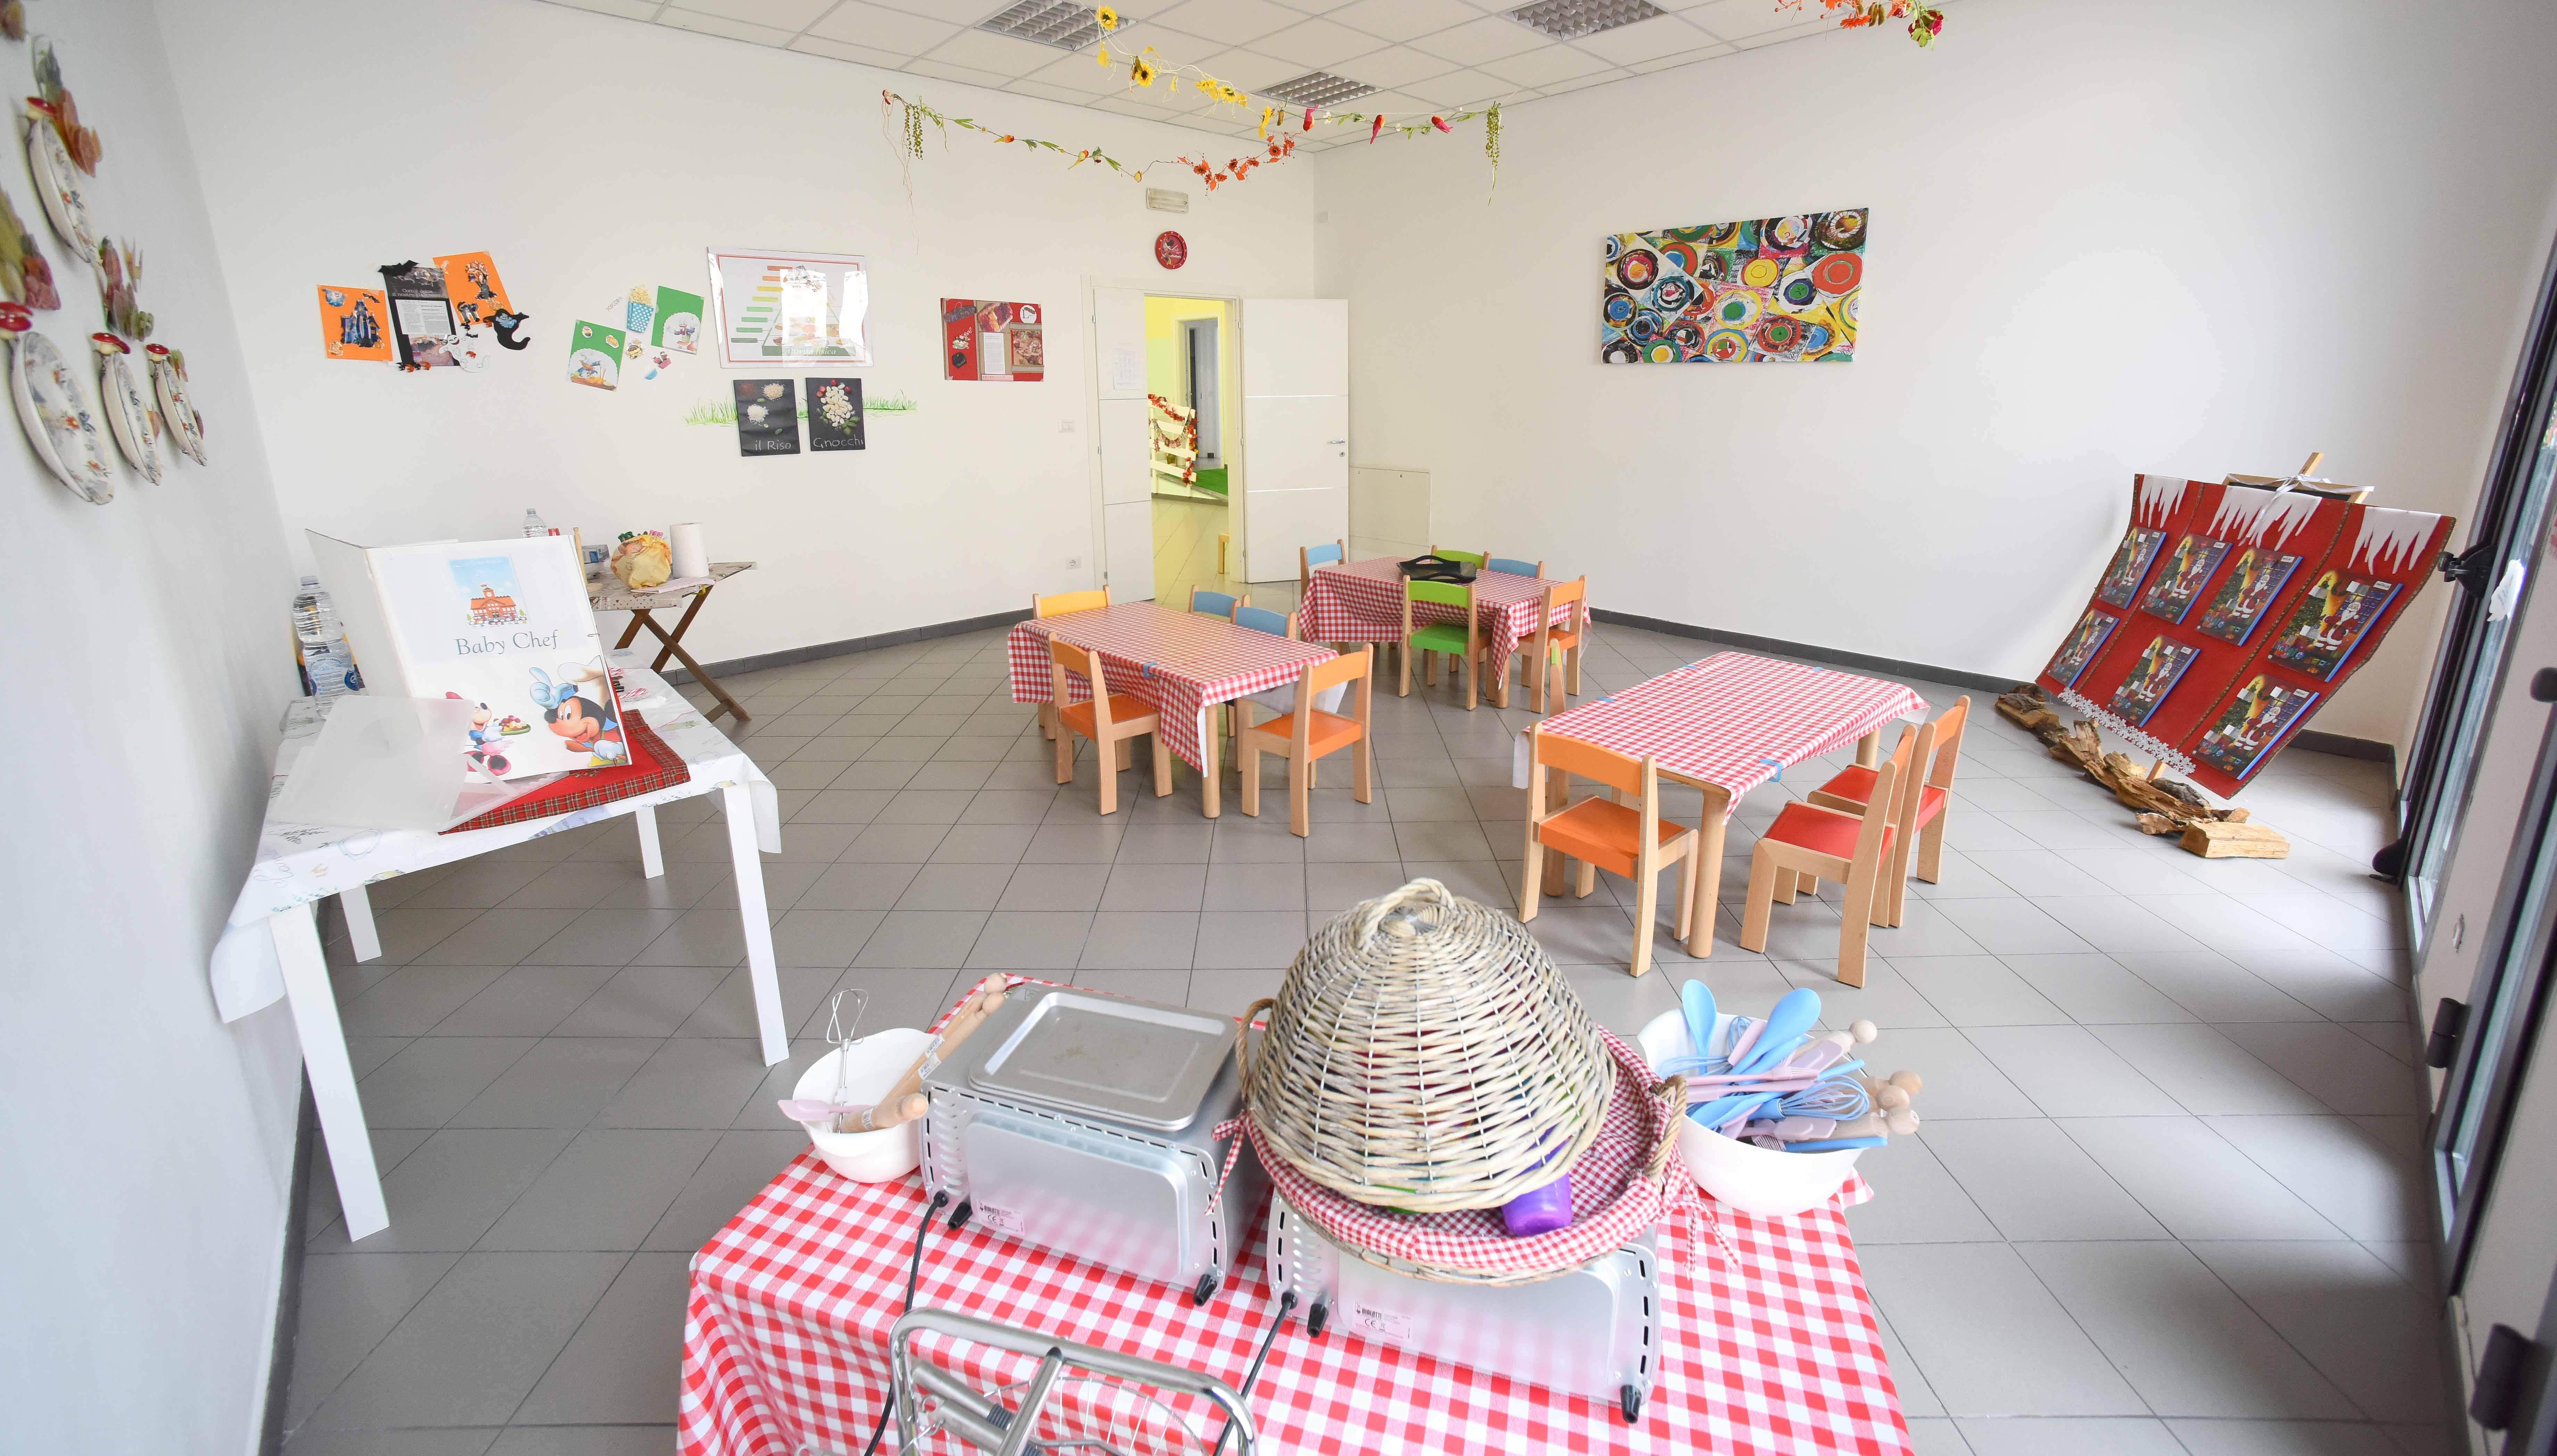 sala pranzo all'interno della scuola